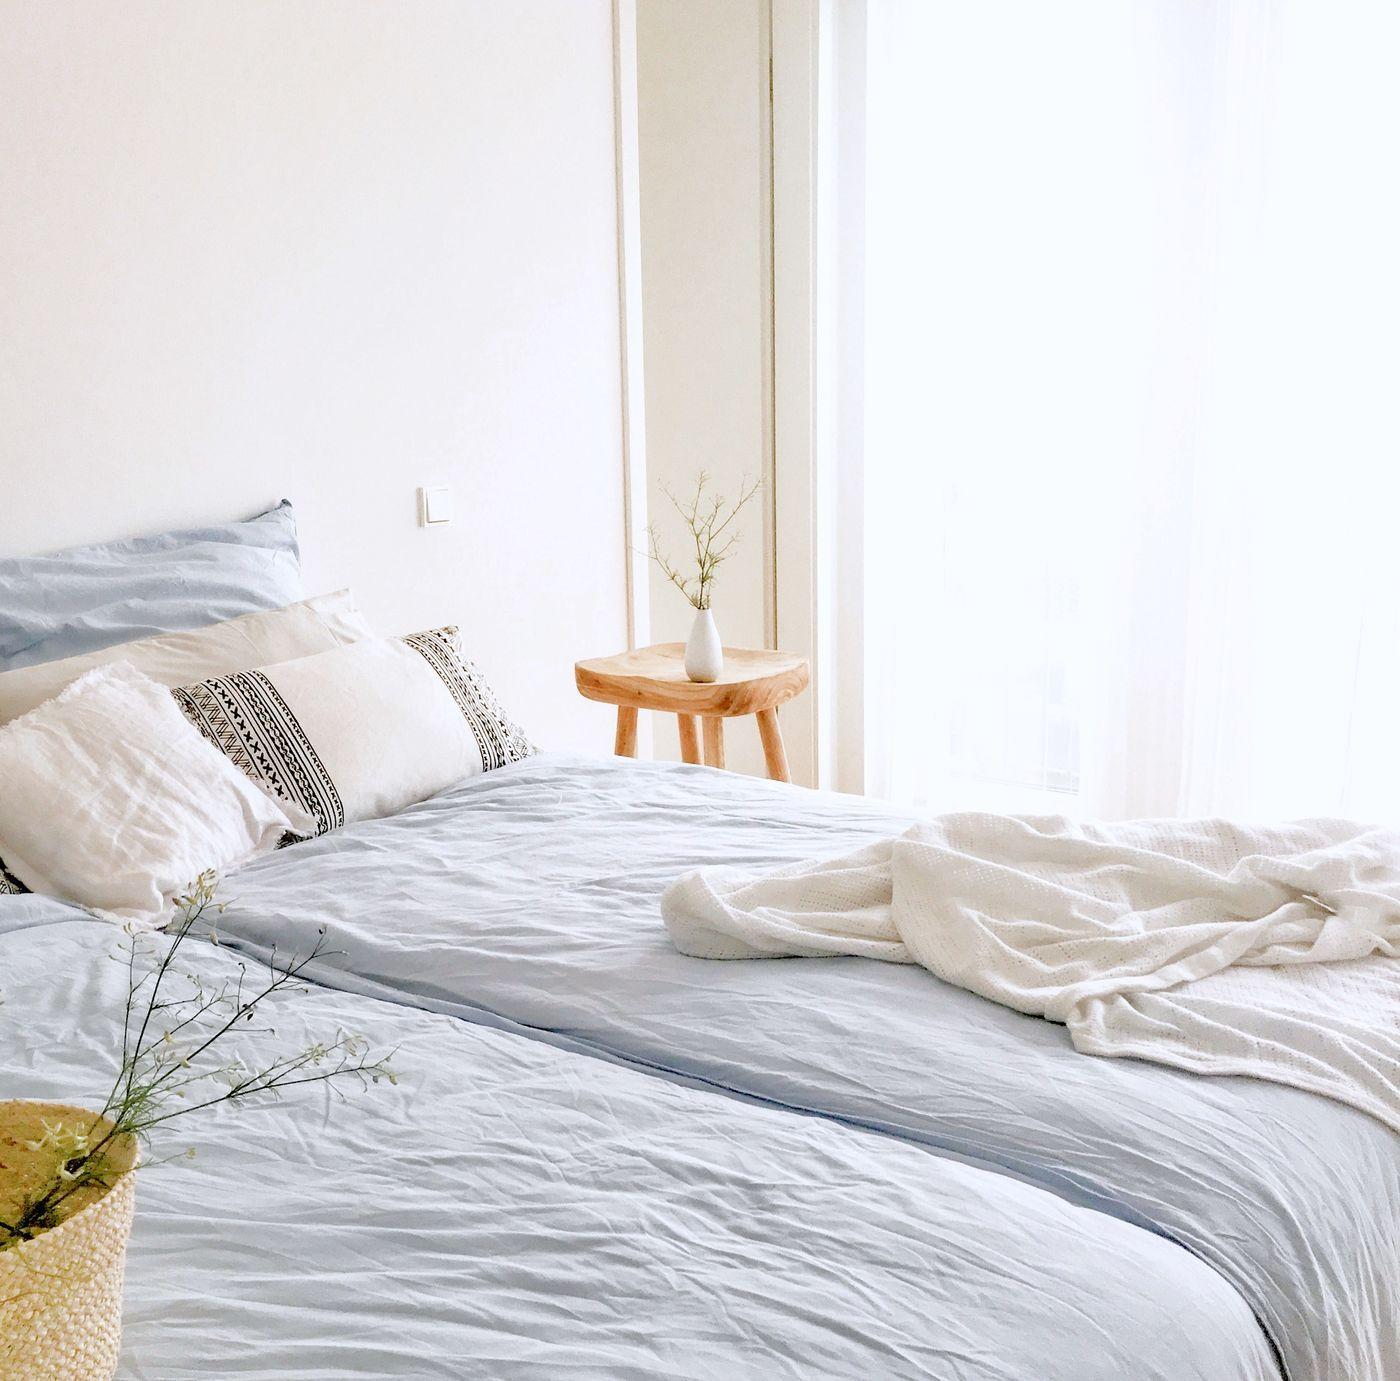 Schlafzimmer: Ideen zum Einrichten & Gestalten - Seite 68